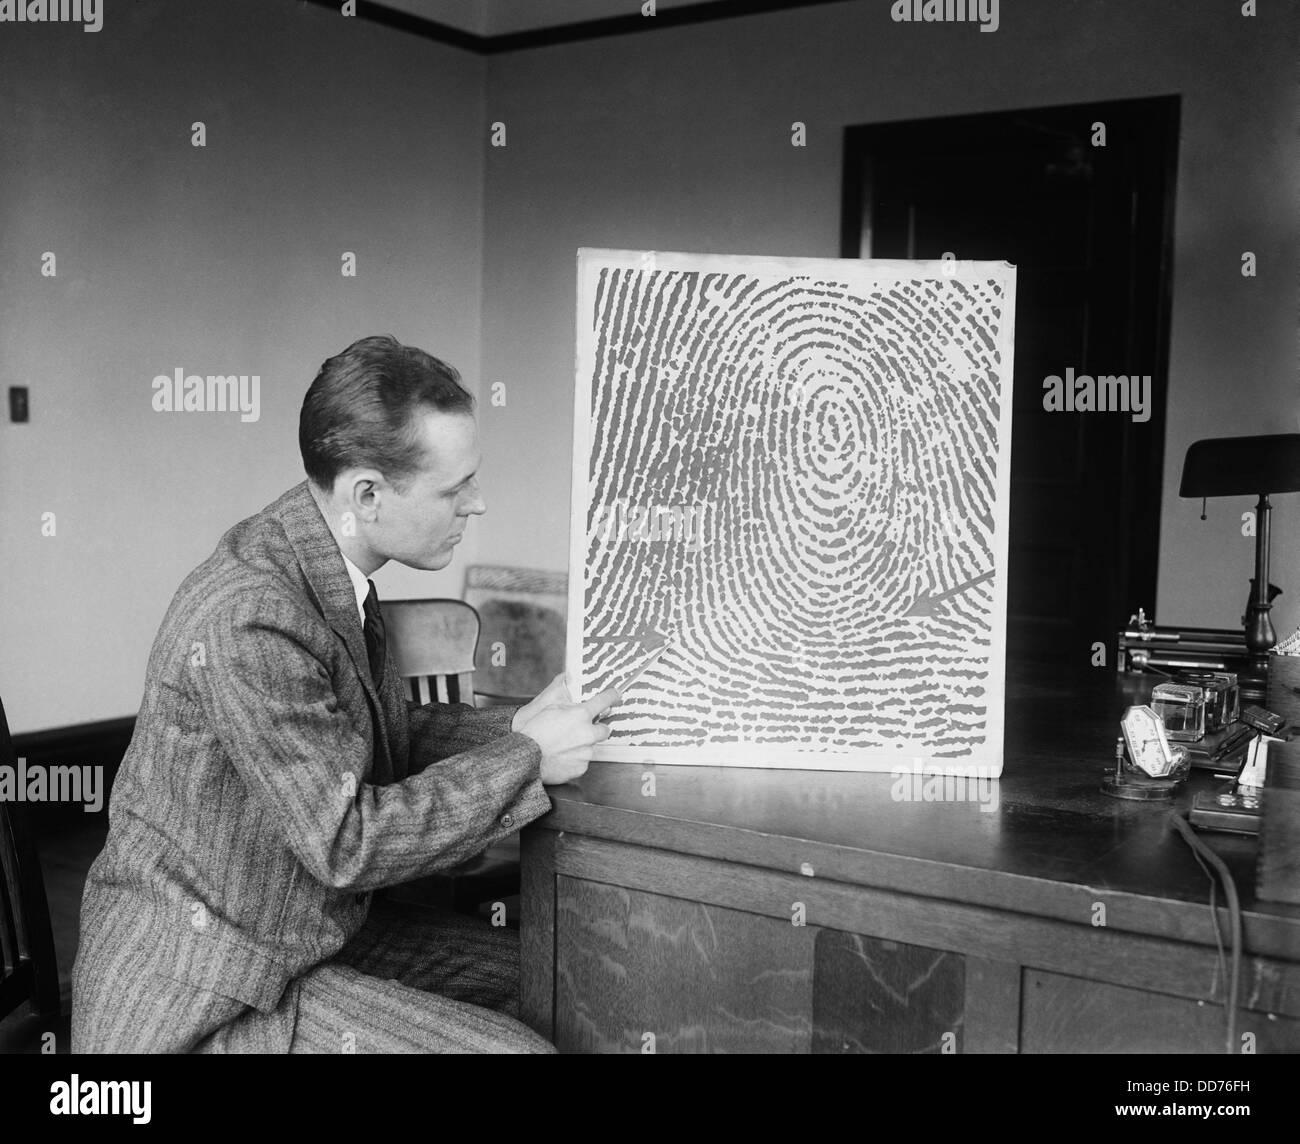 Dimostrazione di una impronta digitale ricostruito da una descrizione verbale ricevuto dal telefono o telegrafo, Immagini Stock